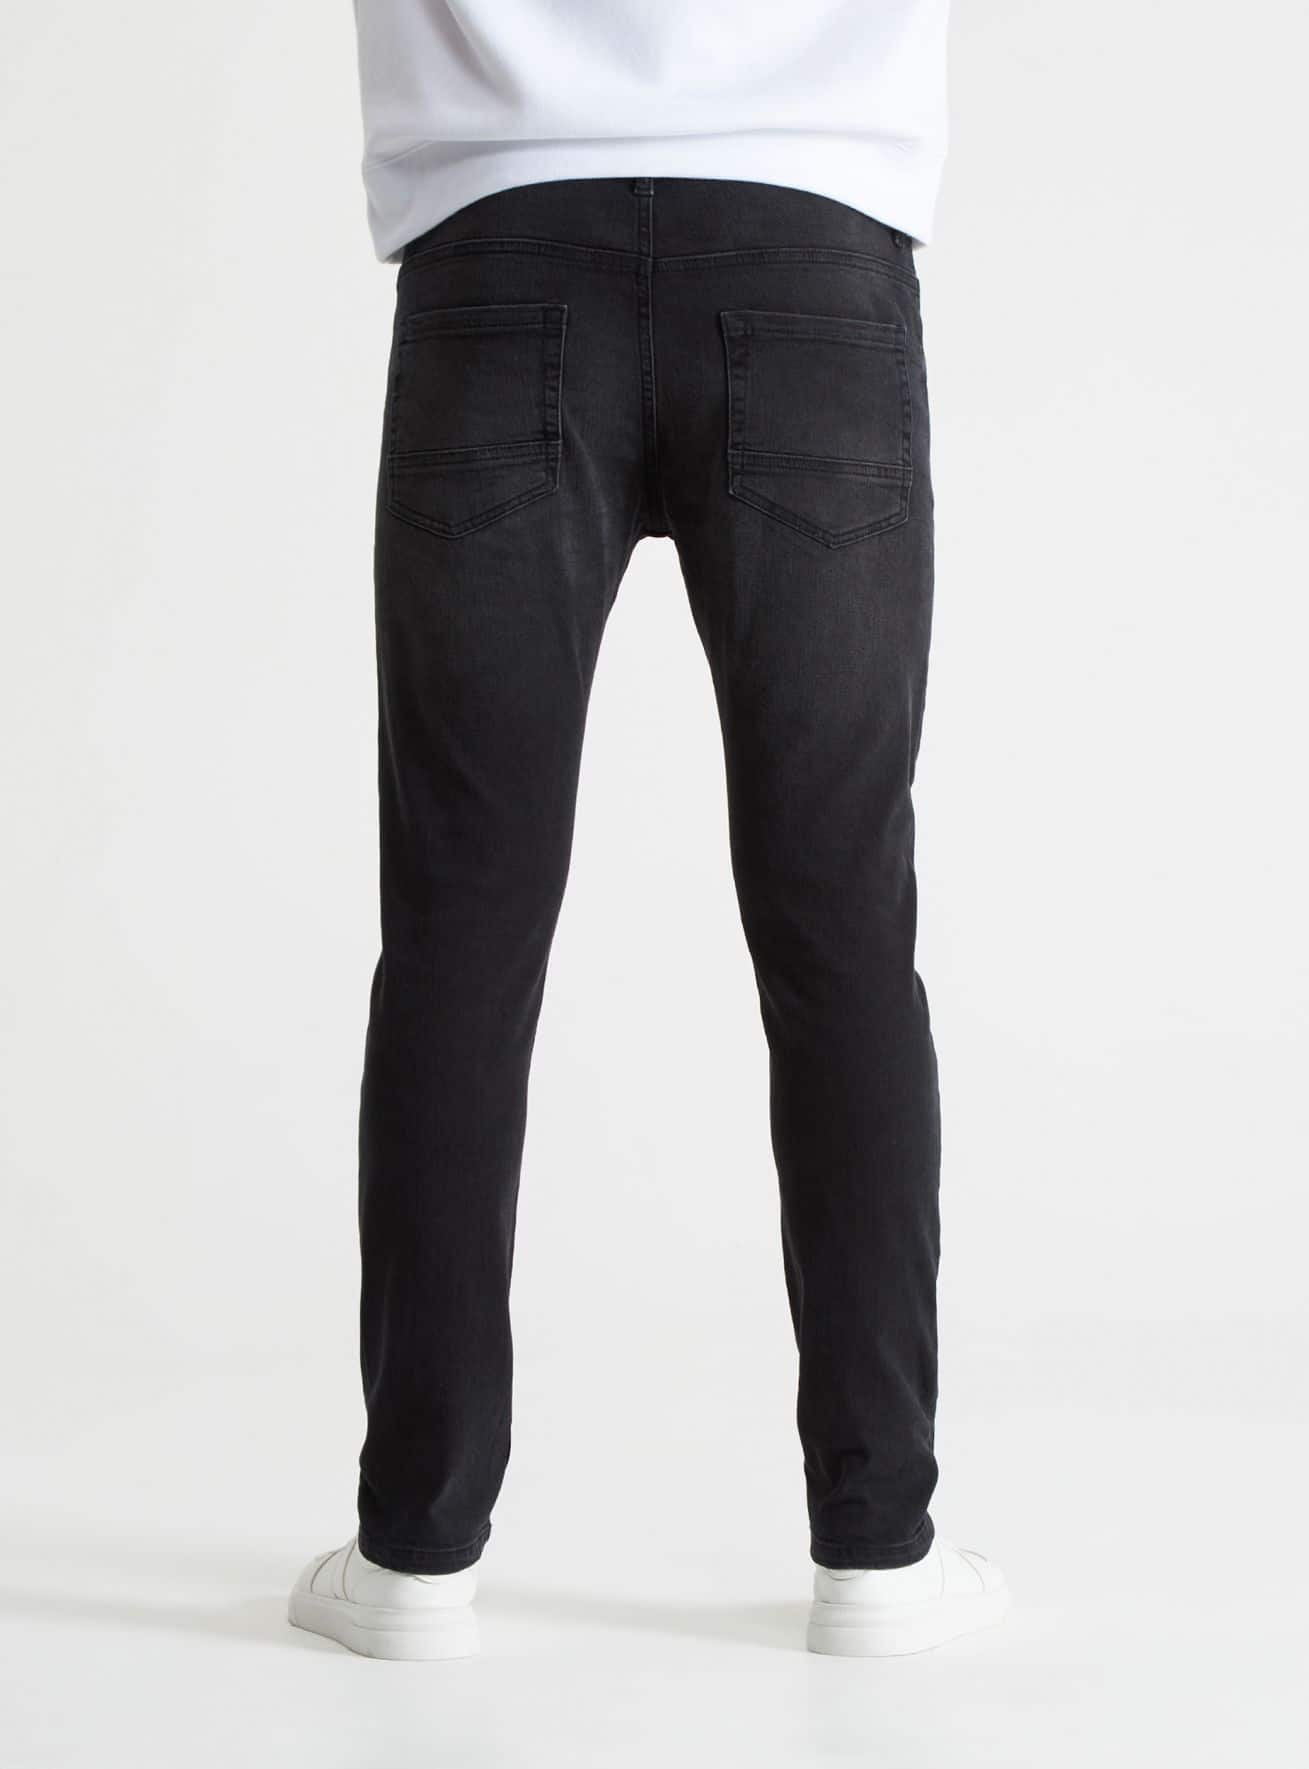 Pantalone Jeans Lungo Herren Terranova